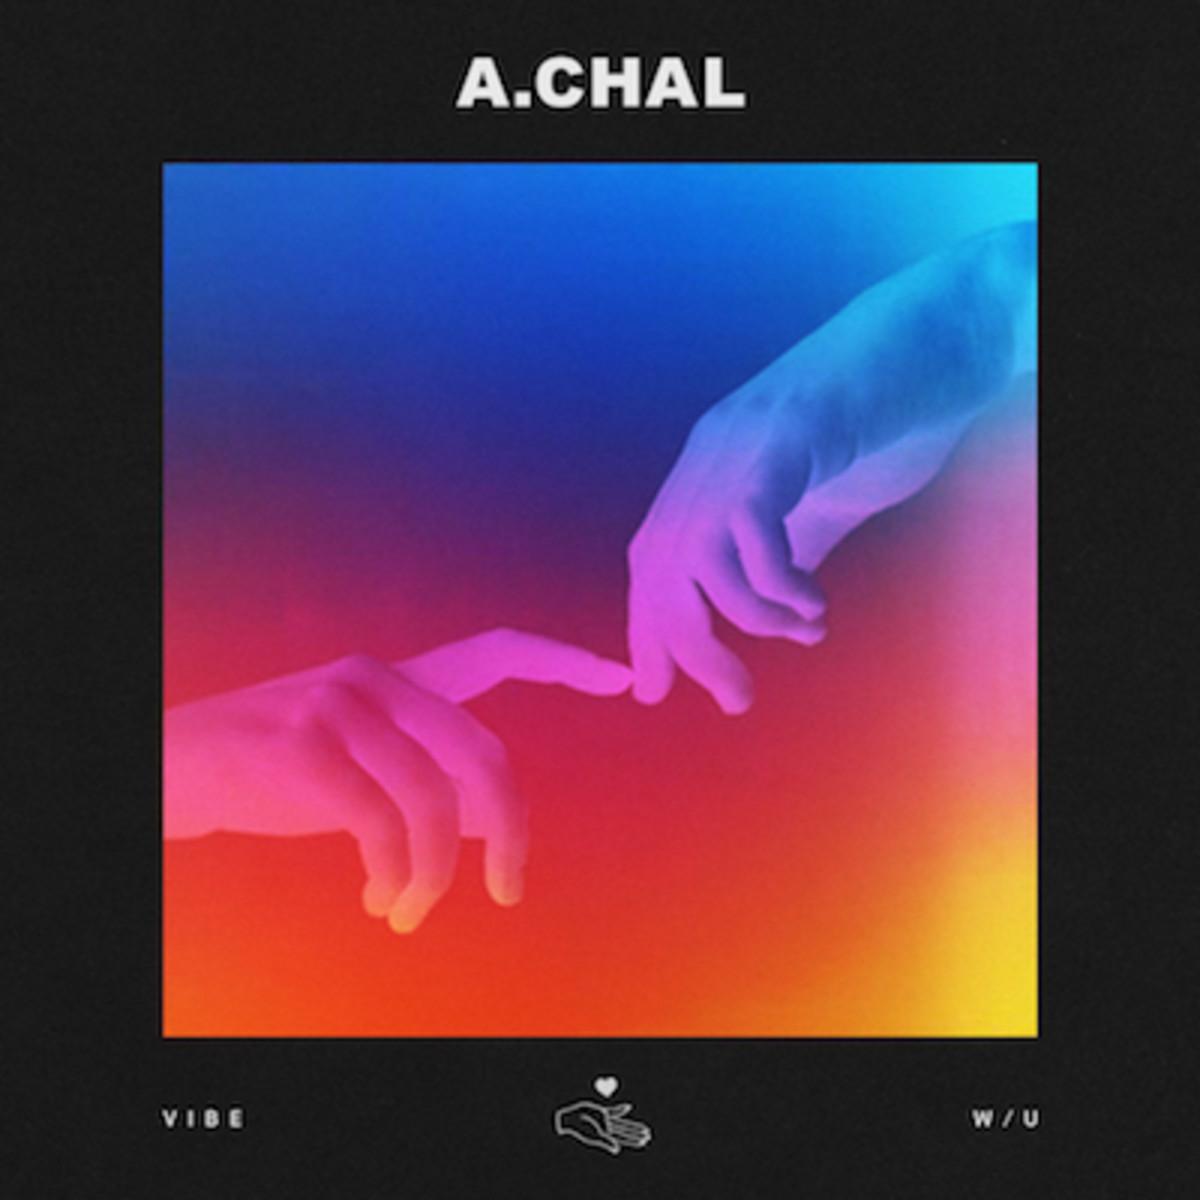 achal-vibe-wu.jpg